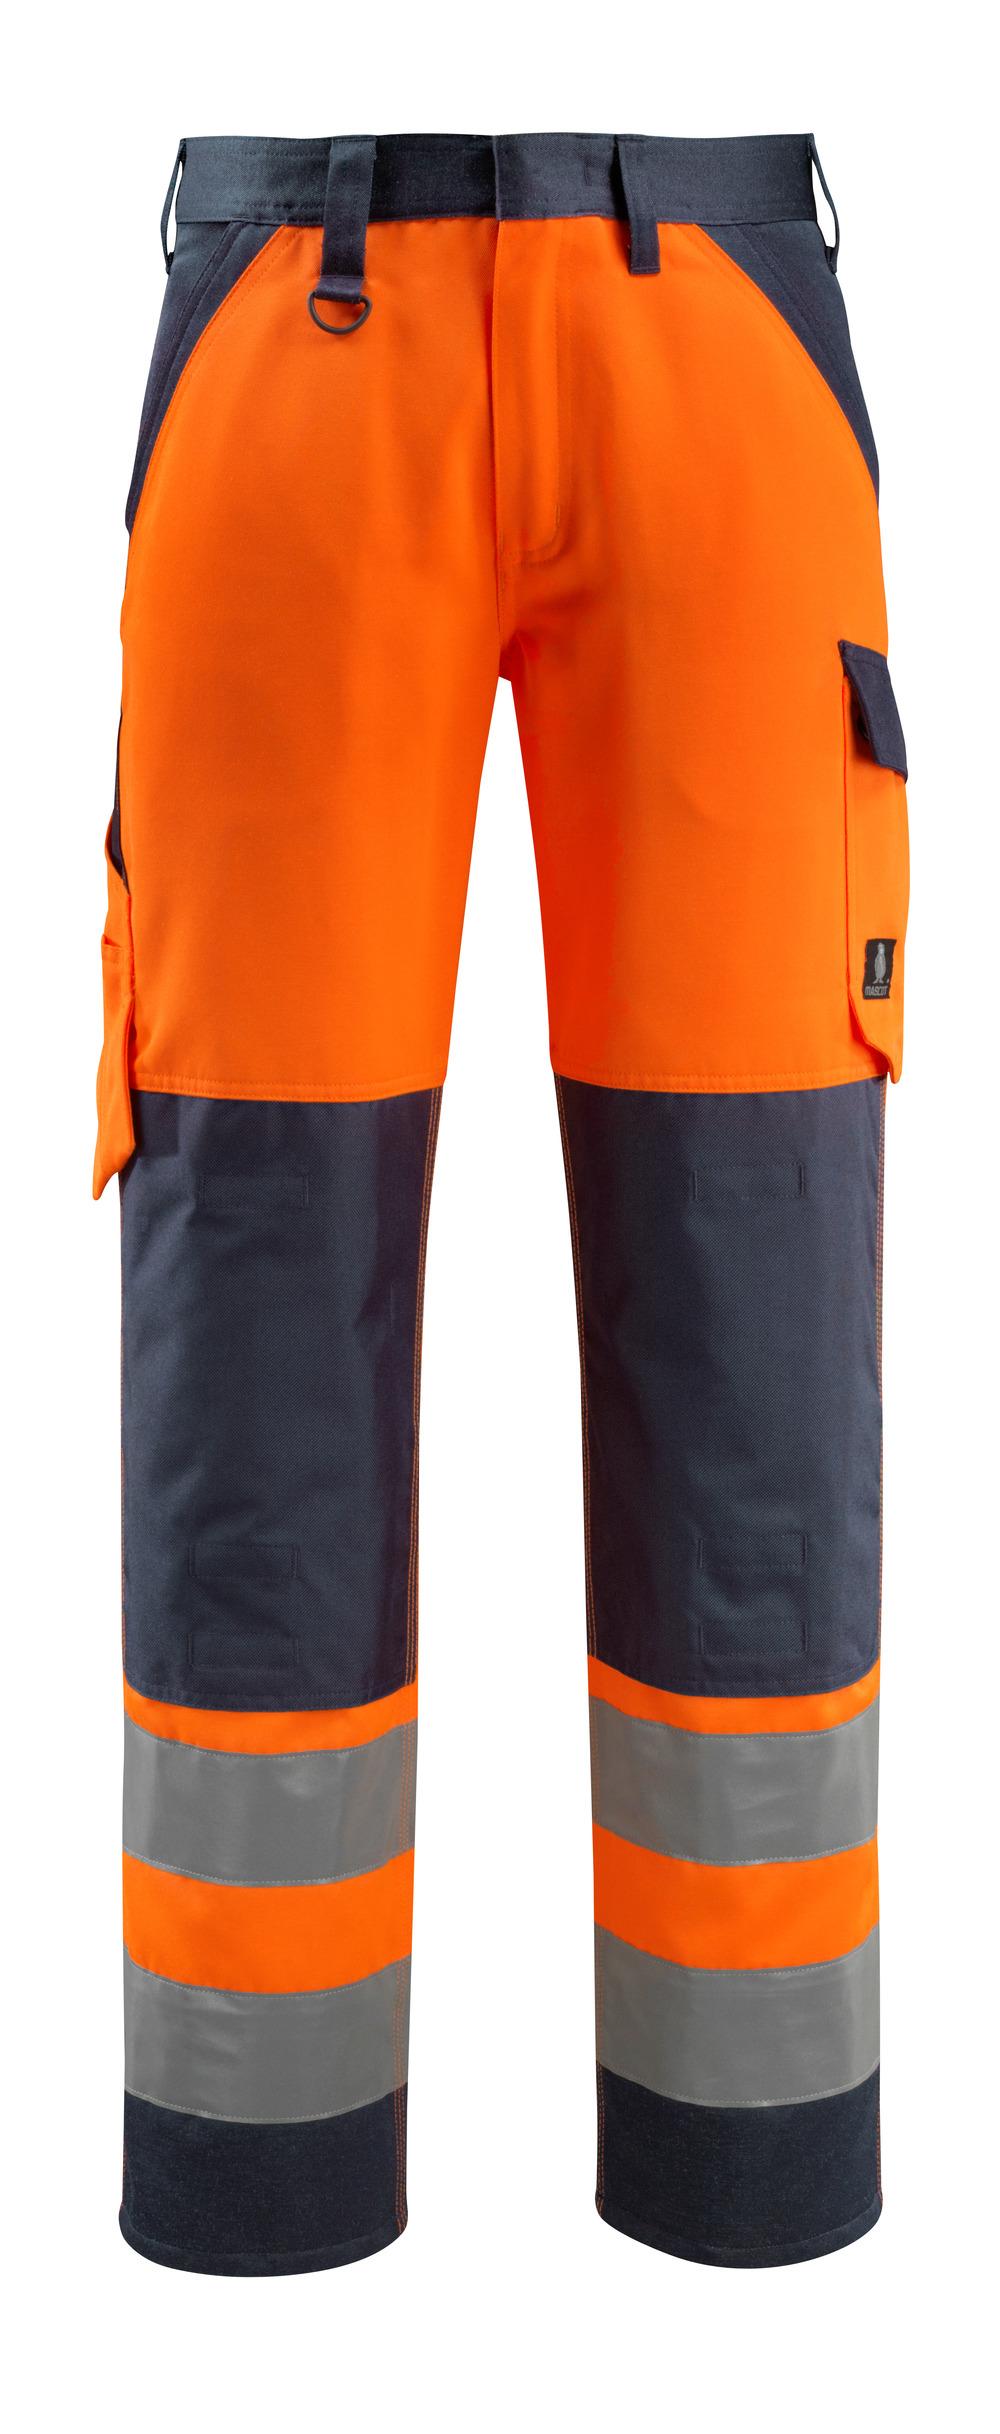 15979-948-14010 Pantaloni con tasche porta-ginocchiere - arancio hi-vis/blu navy scuro